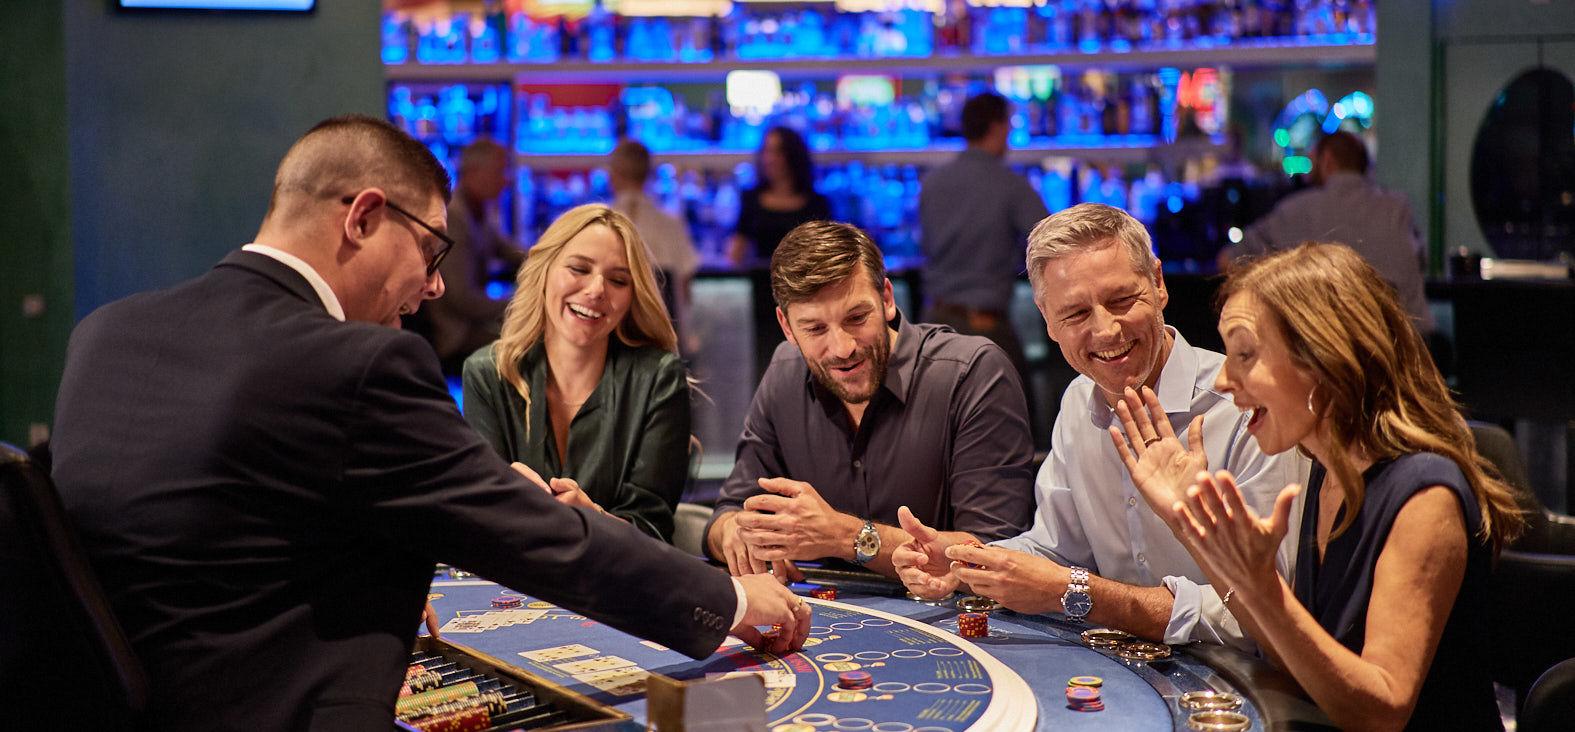 Games at the Casino Bad Ragaz - Casino Bad Ragaz